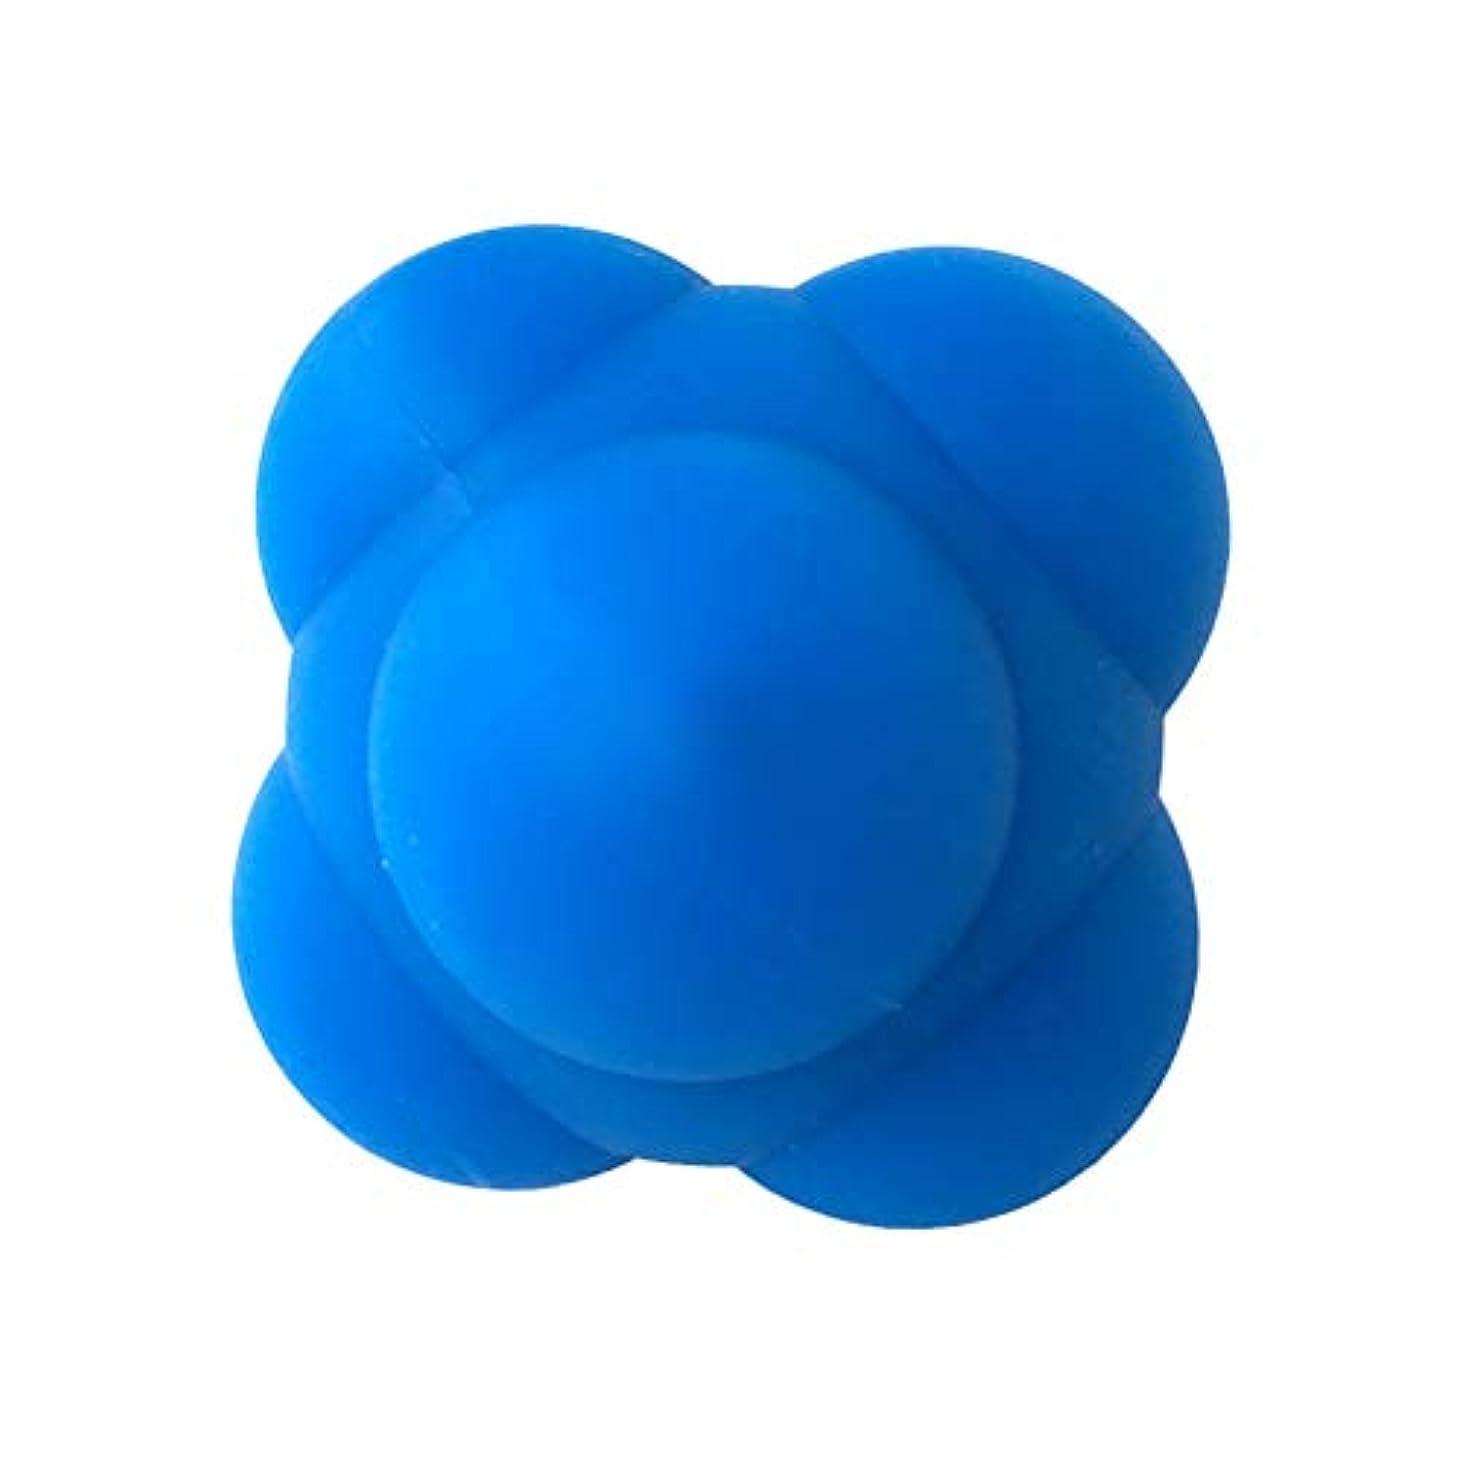 不調和レトルト九SUPVOX 野球 練習用品 トレーニングボール ヘキサゴンボール リアクションボール スポーツボール6cm(青)